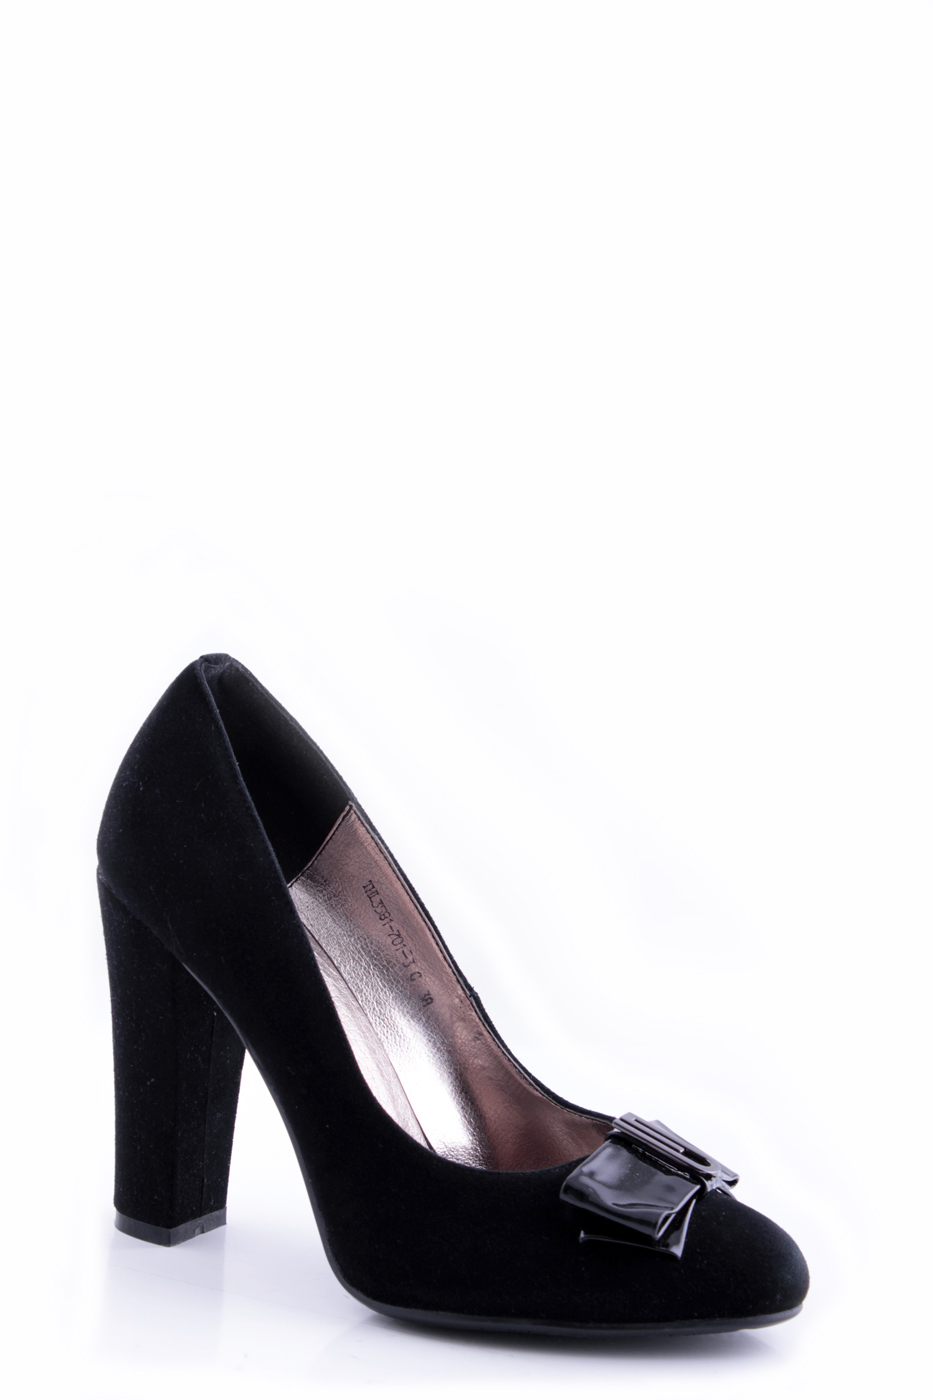 Сбор заказов. Экспресс ~ Распродажа остатков. Женская и мужская обувь, все сезоны. Собираем до 14 августа.